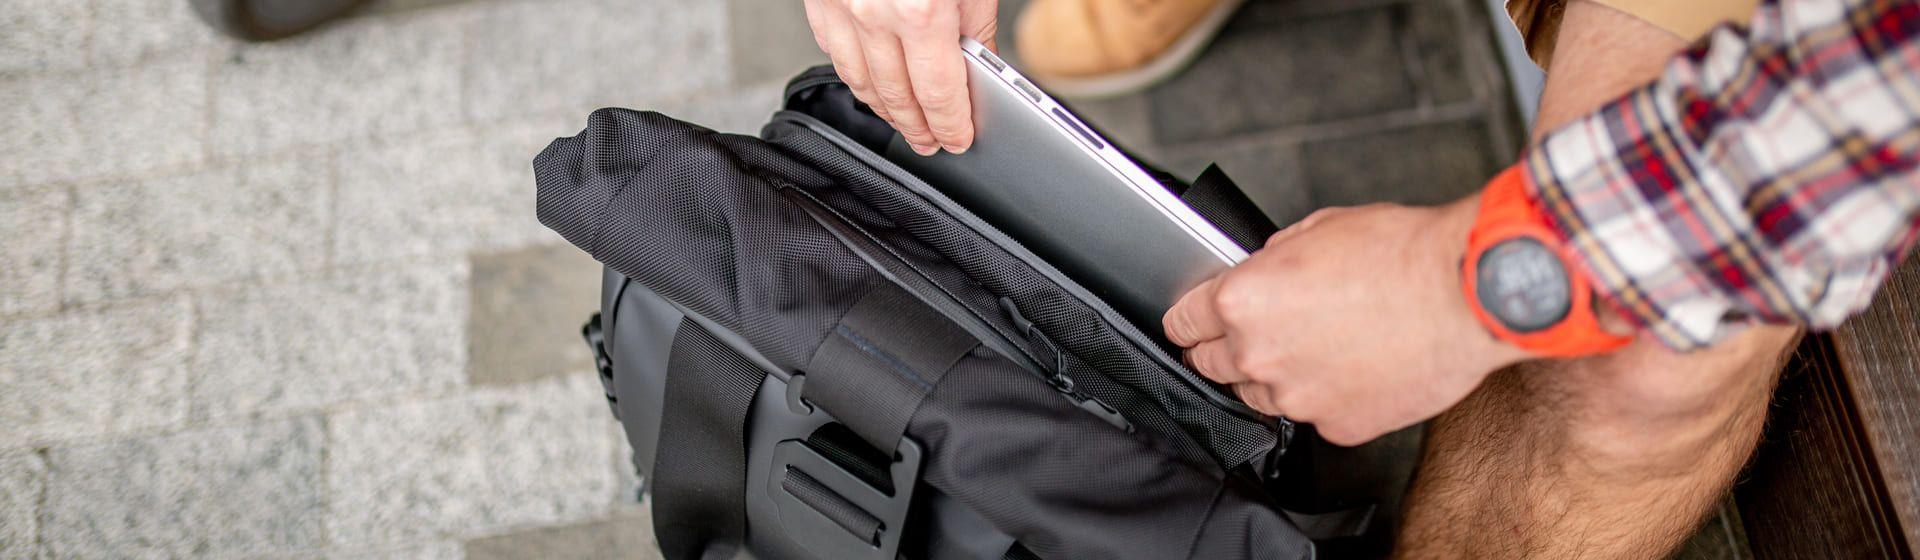 Melhor mochila para notebook em 2021: 9 opções bonitas e funcionais